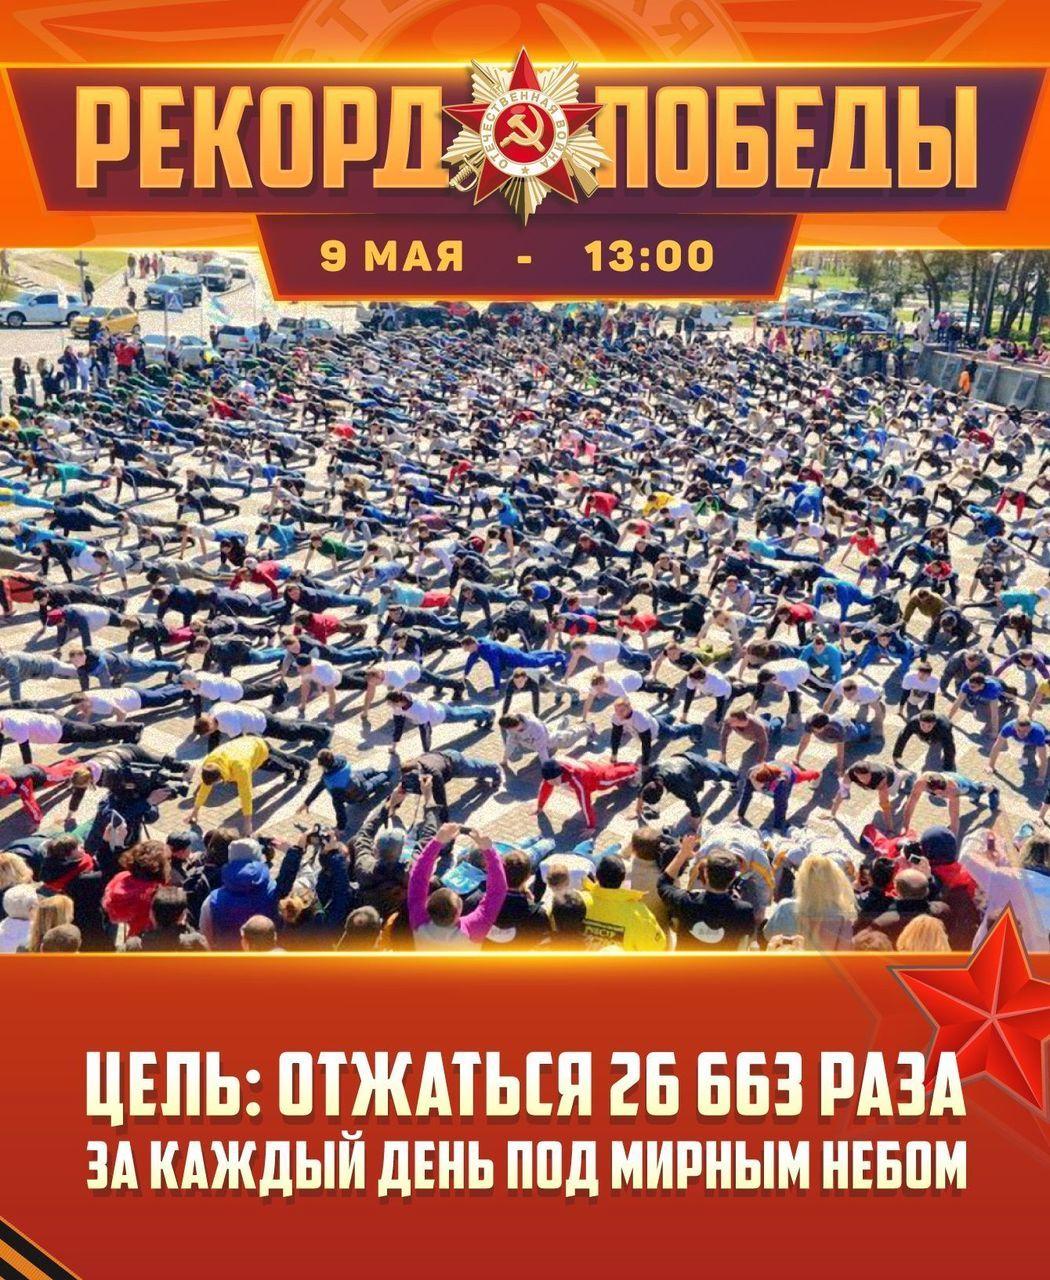 День Победы: какие мероприятия посетят новомосквичи 9мая